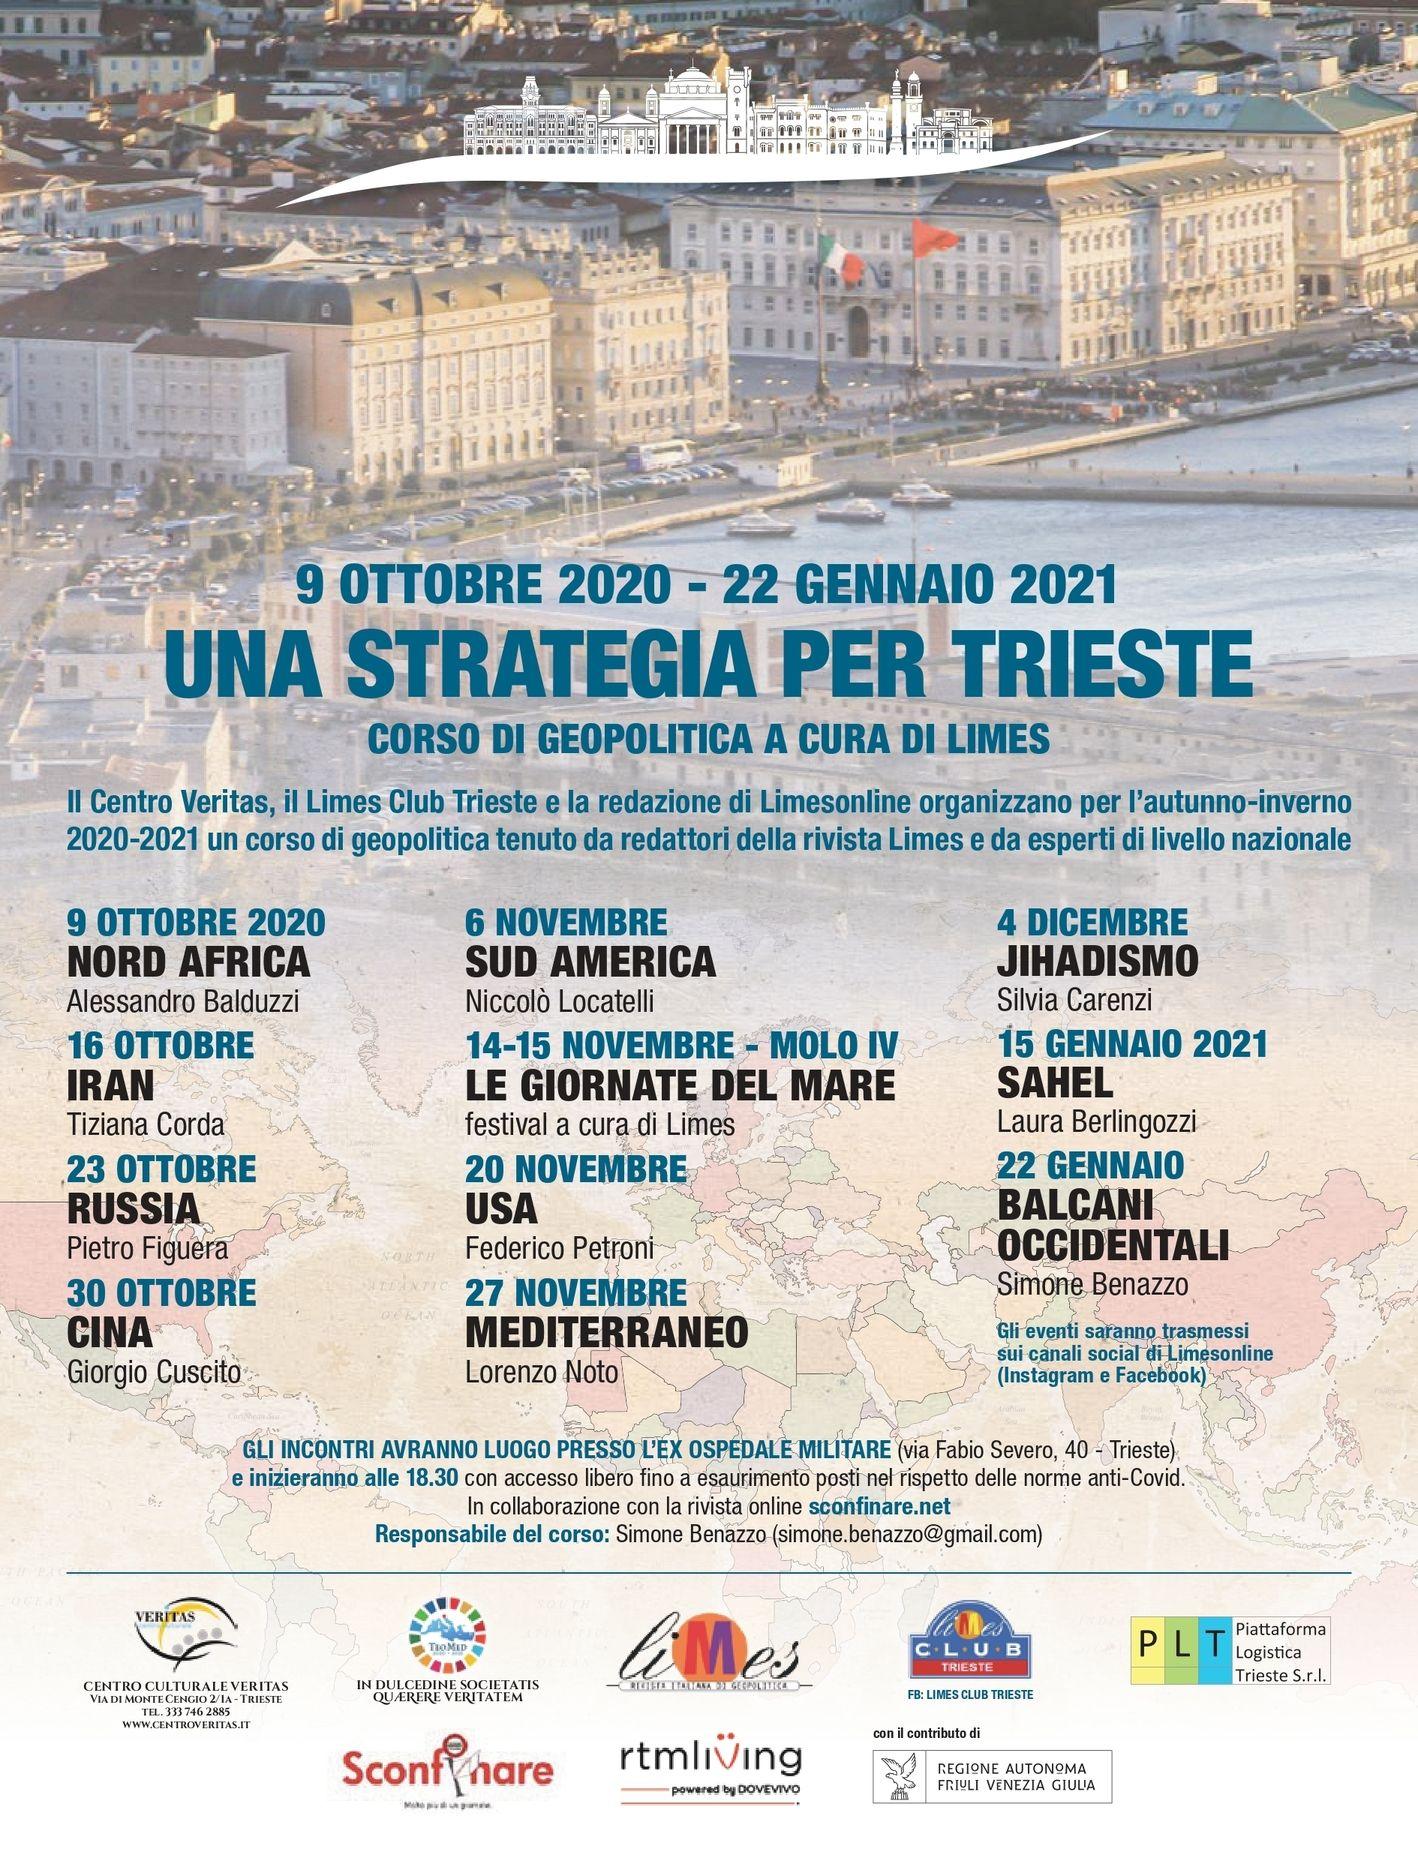 Una strategia per Trieste